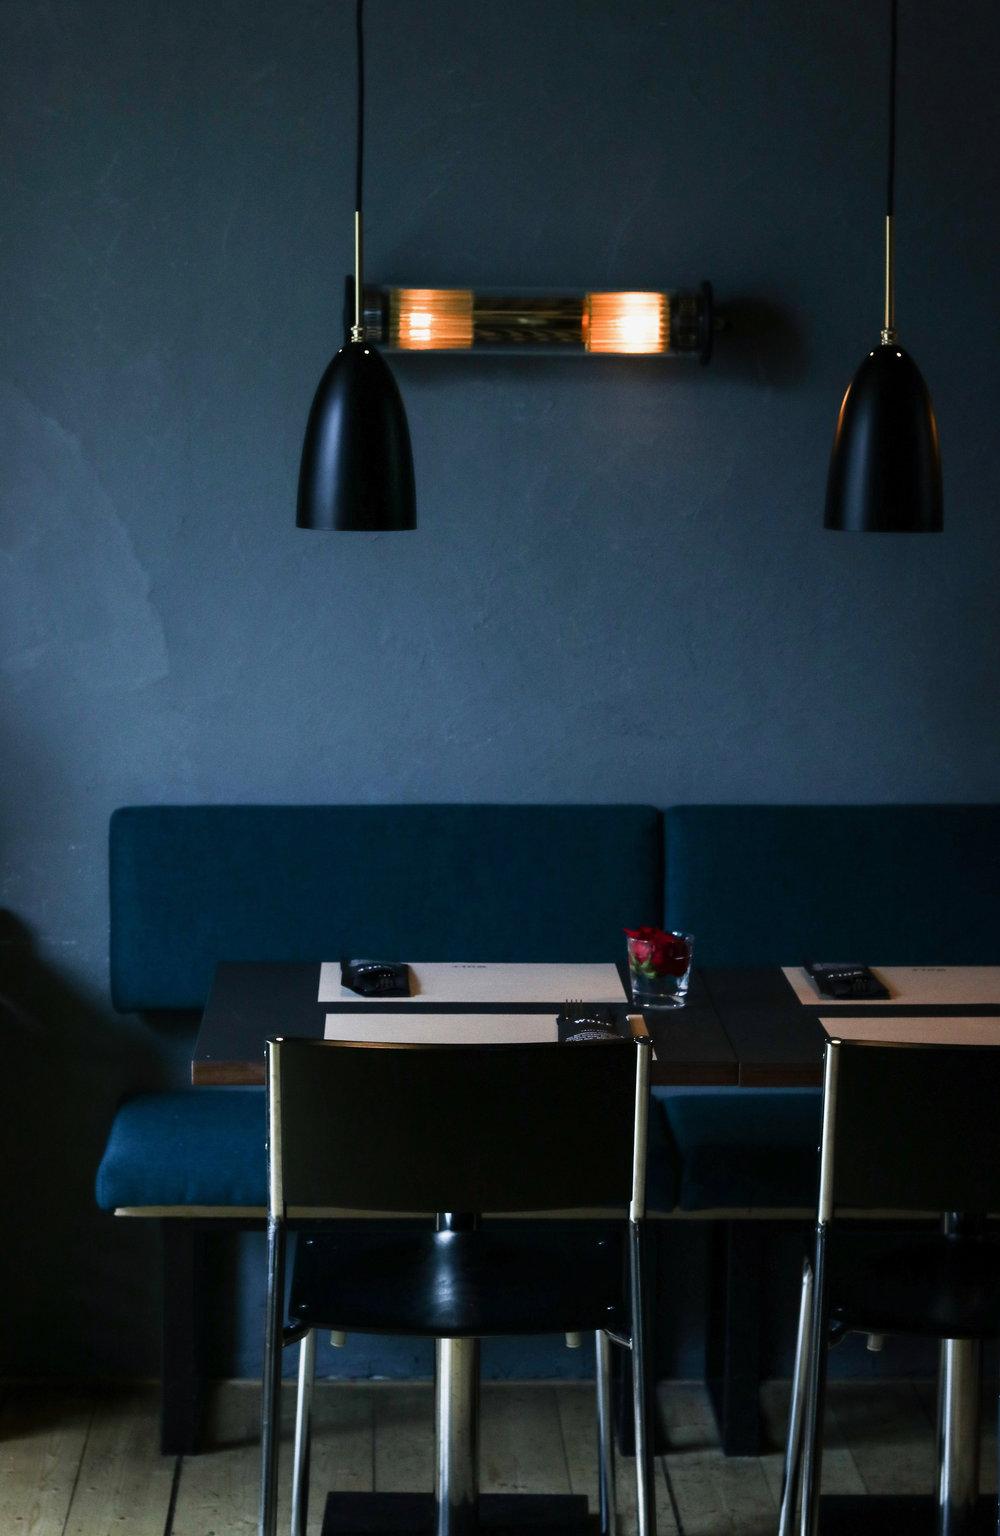 dein restaurant auf luzern isst - Möchtest du auch auf Luzern isst vorgestellt werden? Einfach Mailadresse unten eintragen und ich melde mich bei dir. Du erhälst das Konzept, die Kosten und die Leistungen via E-Mail. Bei Fragen stehe ich dir gerne unter info@luzern-isst.ch zur Verfügung.